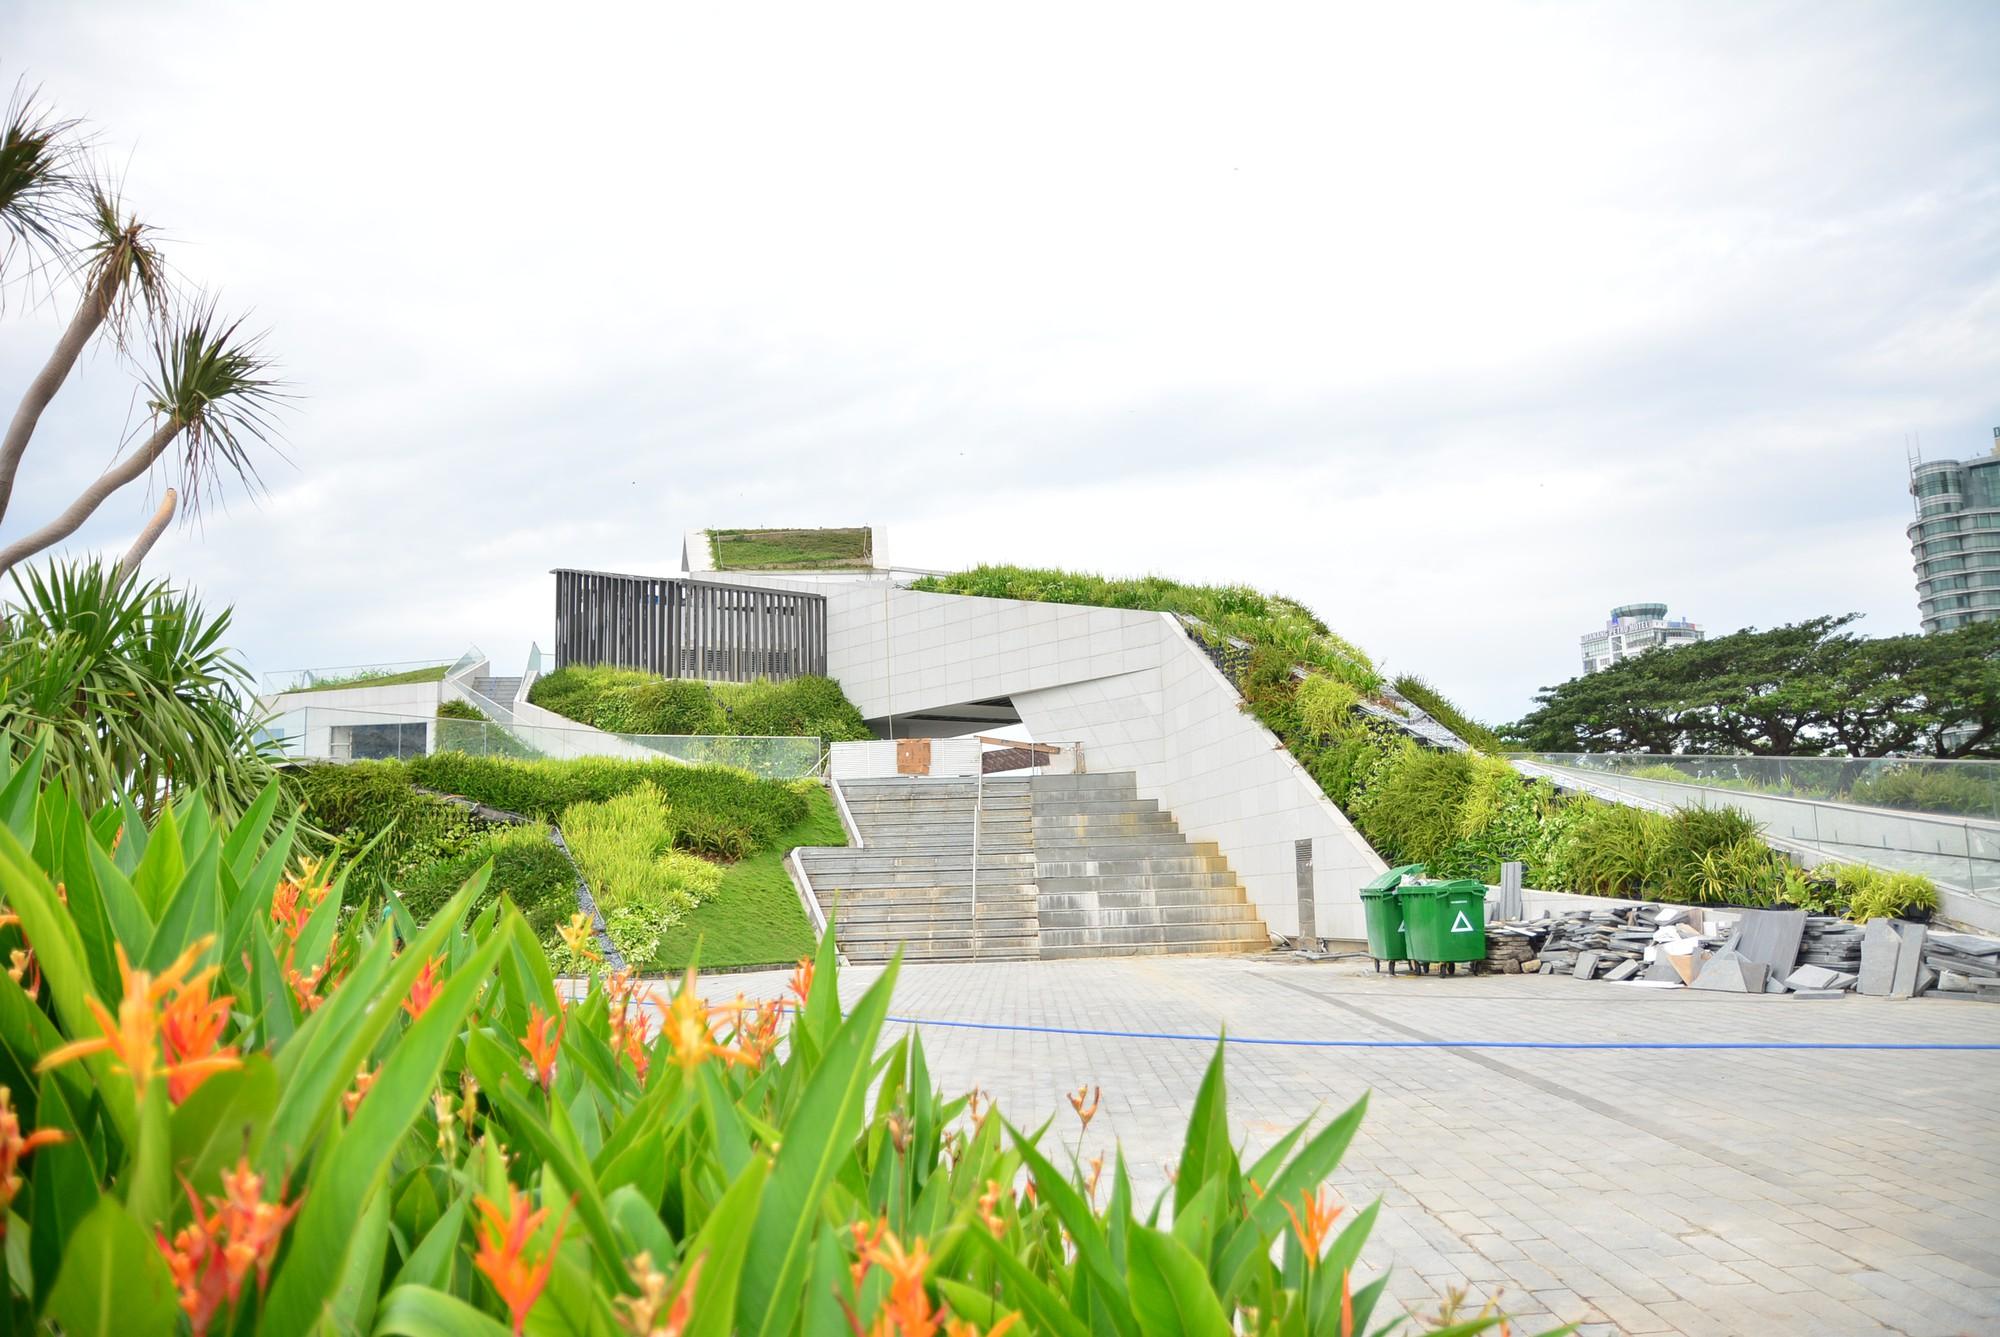 Vụ tạm dừng dự án Marina Complex ở Đà Nẵng: Cận cảnh những công trình, dự án dọc hai bờ sông Hàn hiện nay - Ảnh 18.